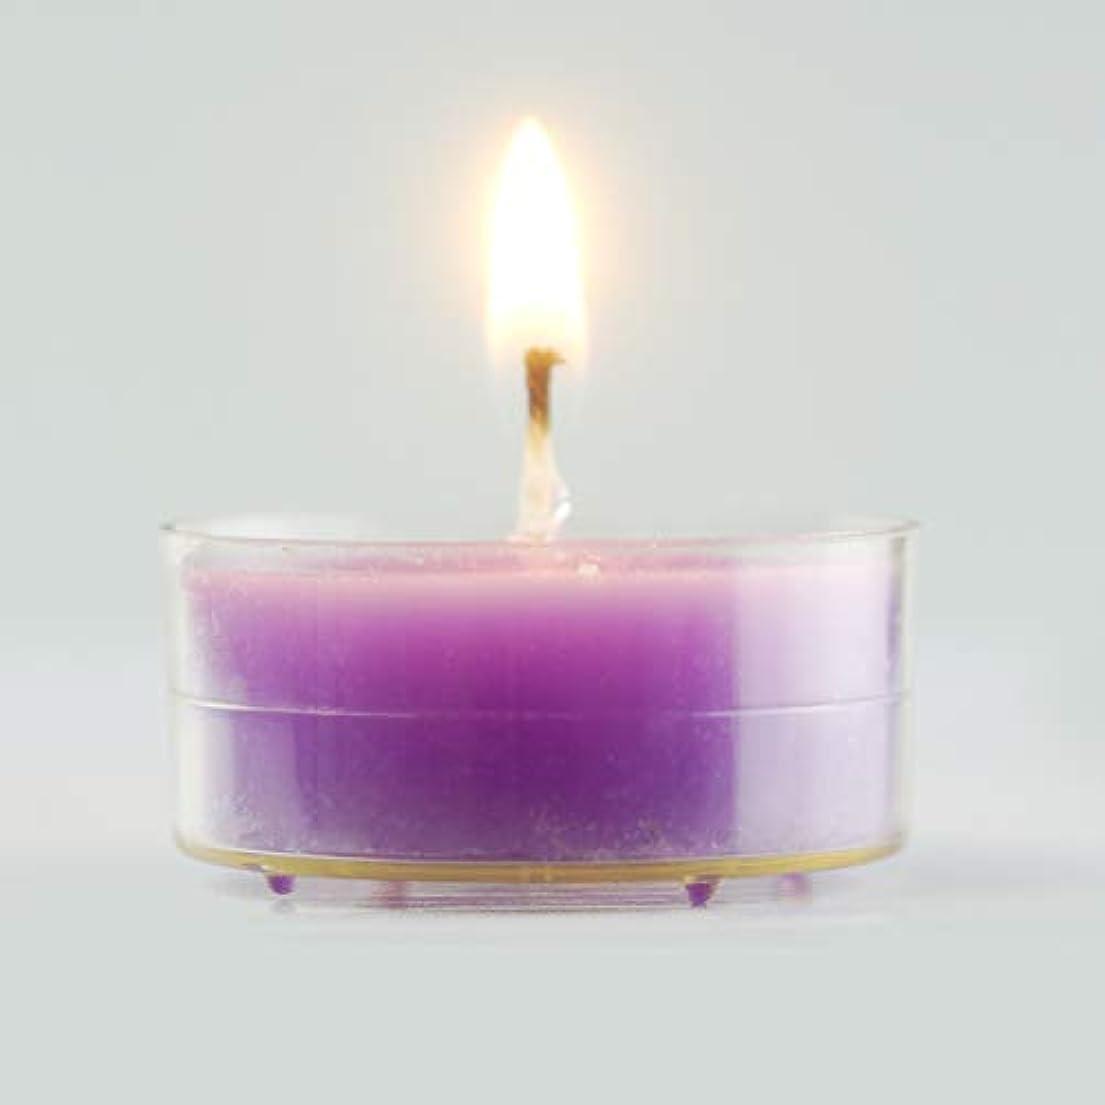 味わう却下するあいまいさ環境に優しいキャンドル きれいな無煙大豆ワックス色味茶ワックス48ピース4時間燃える時間白いキャンドルライト用家の装飾、クリスマス休暇、結婚披露宴の装飾 実用的な無煙キャンドル (Color : Purple)